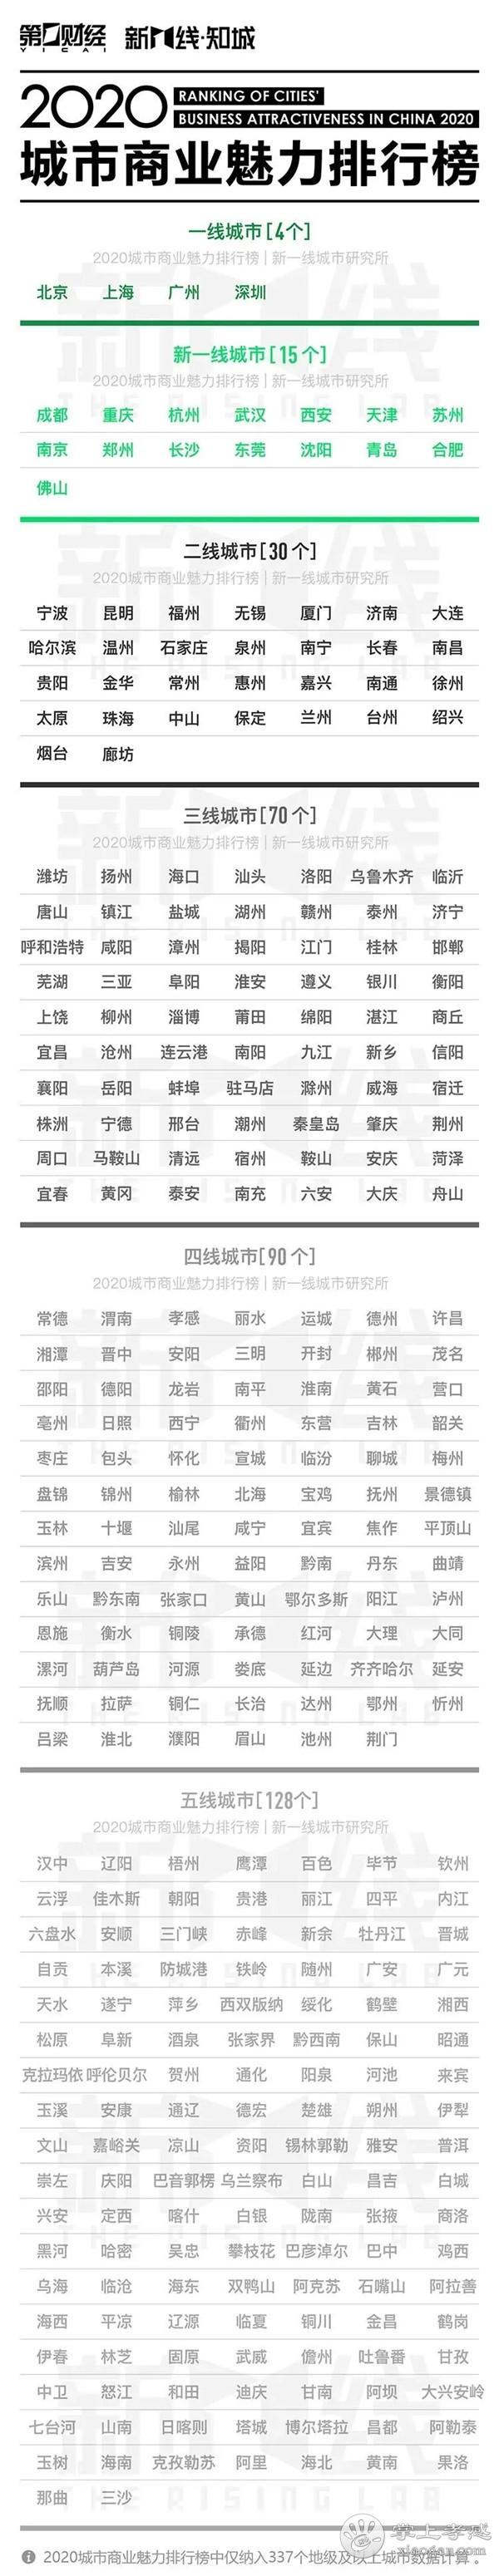 2020年中国城市分级名单发布!孝感位列...[图2]